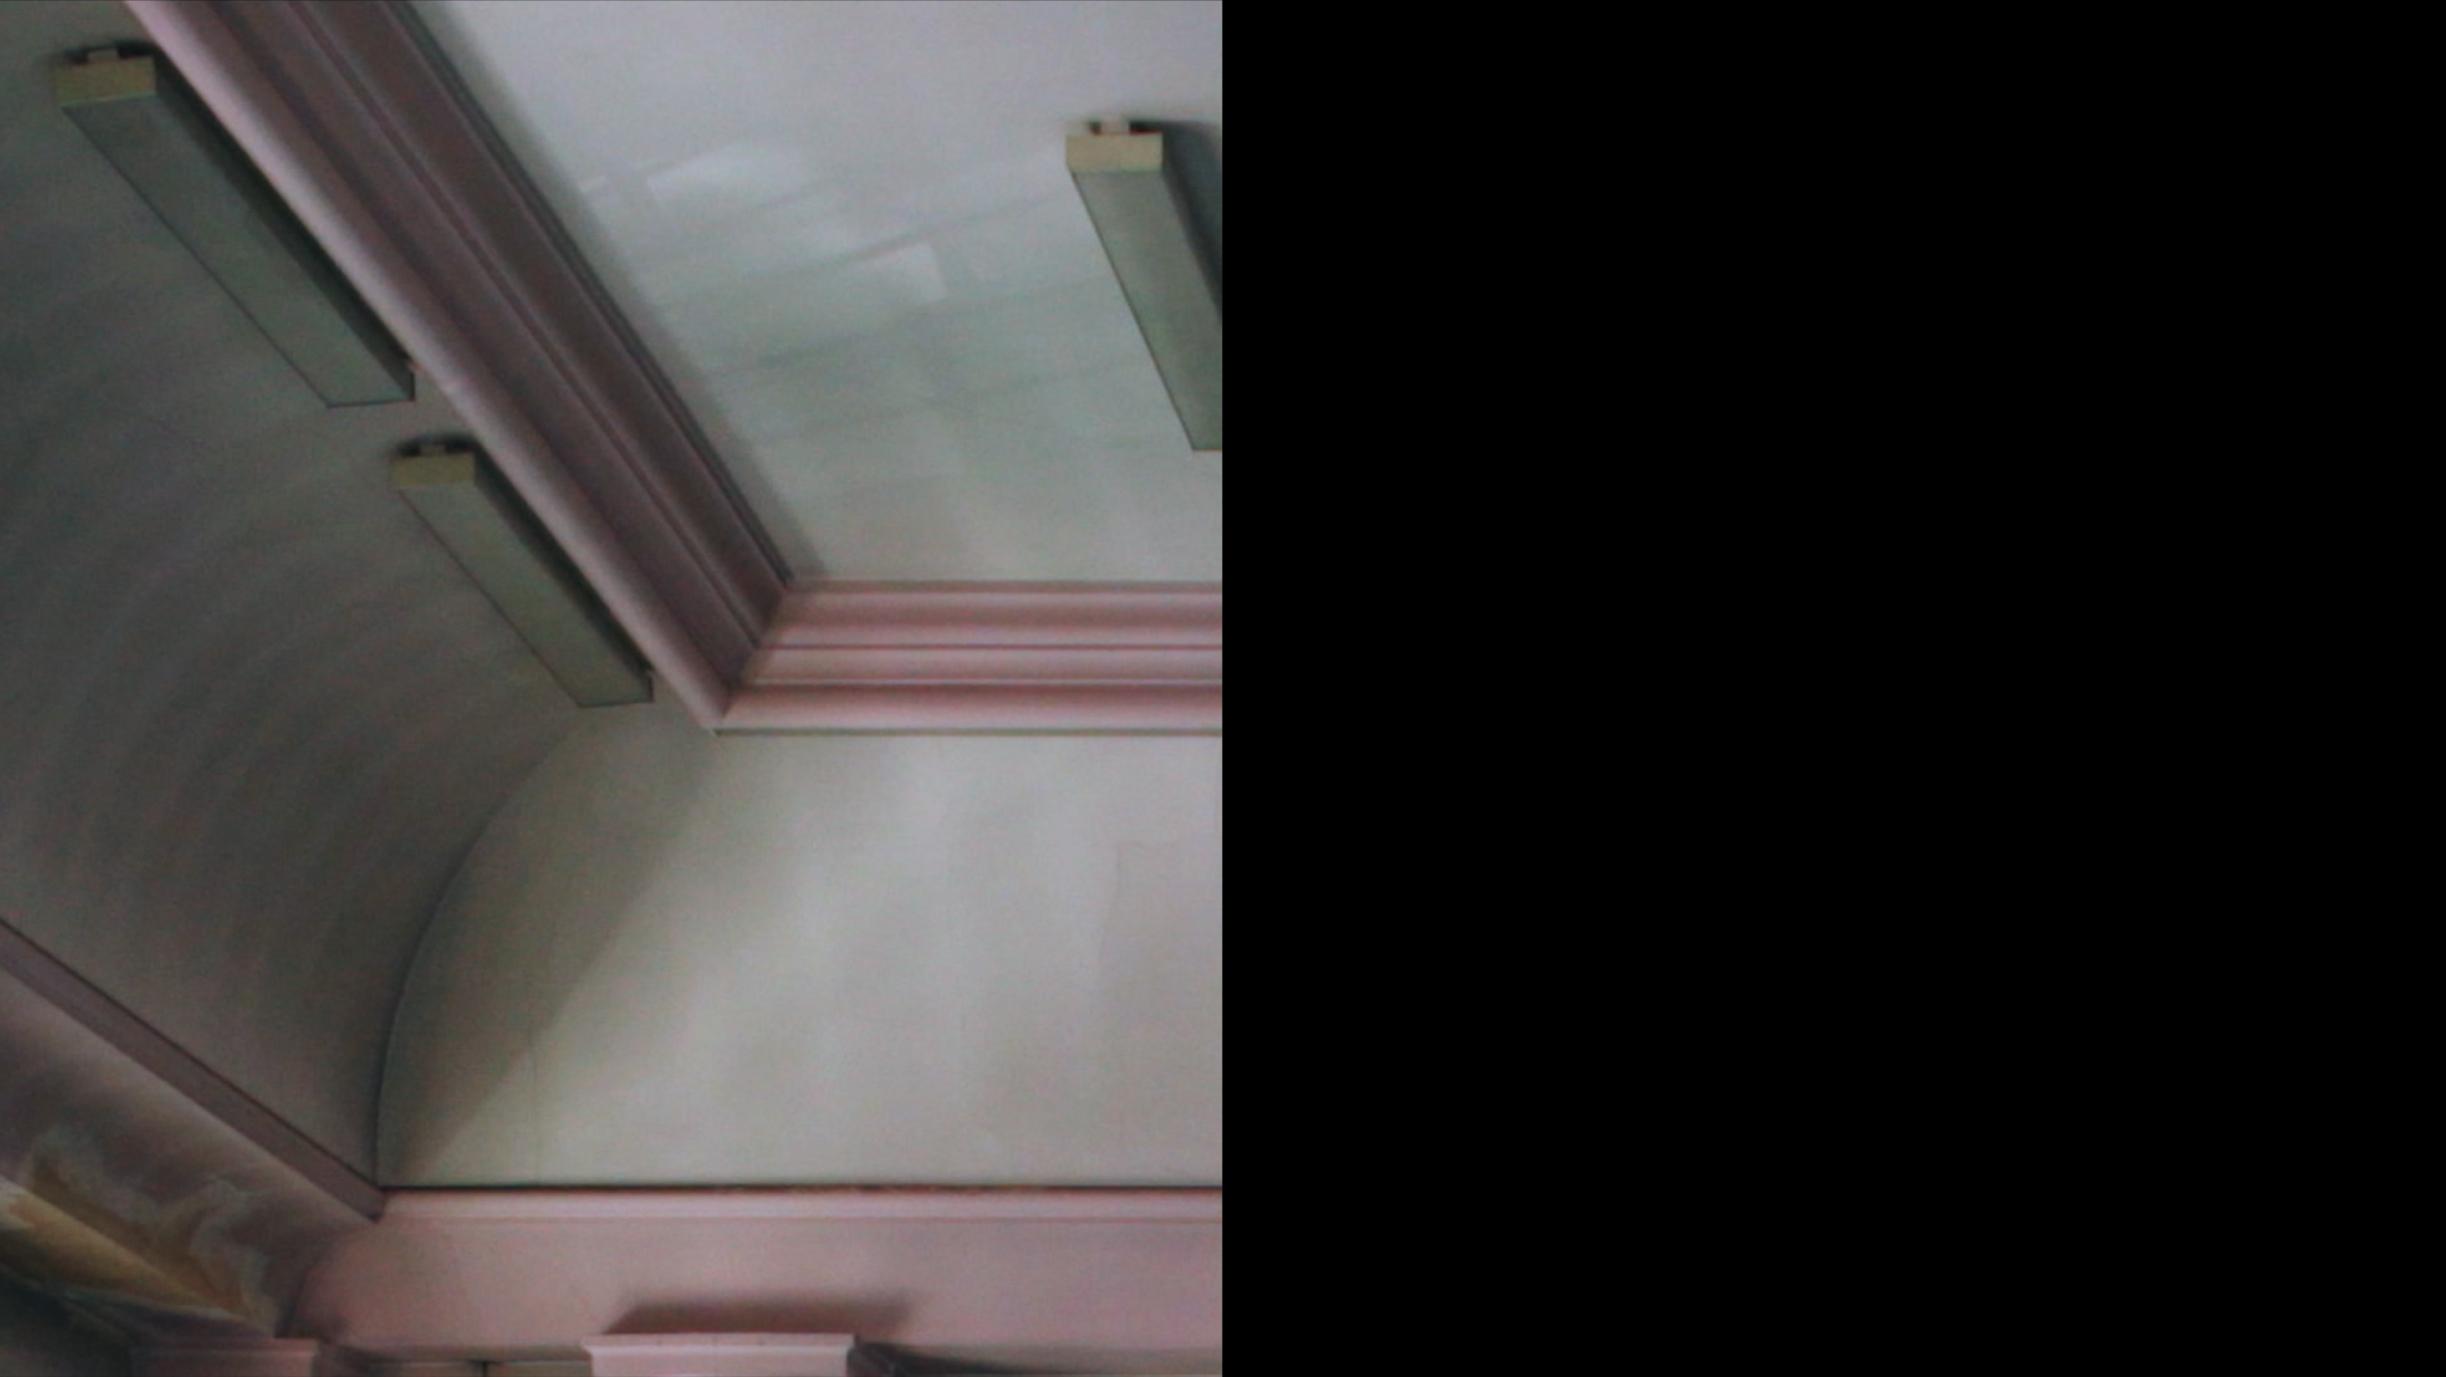 NV_UE_Video Stills_01.jpg